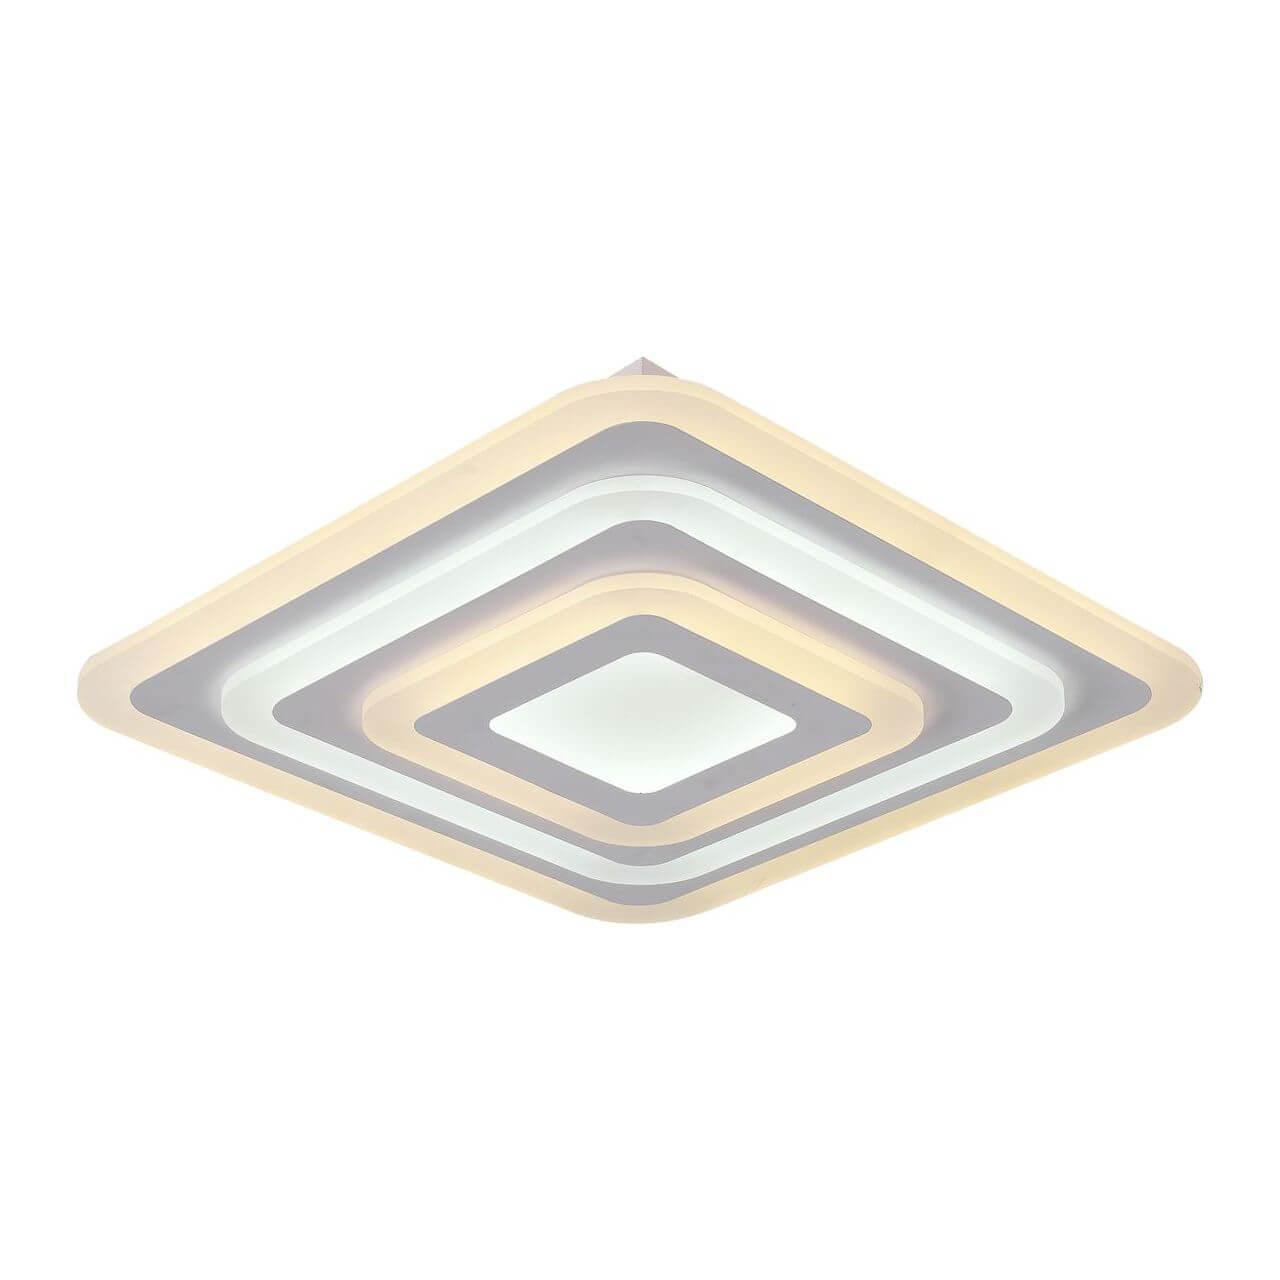 Потолочный светильник F-Promo 2278-5C, LED, 80 Вт светильник favourite ledolution 2283 5c